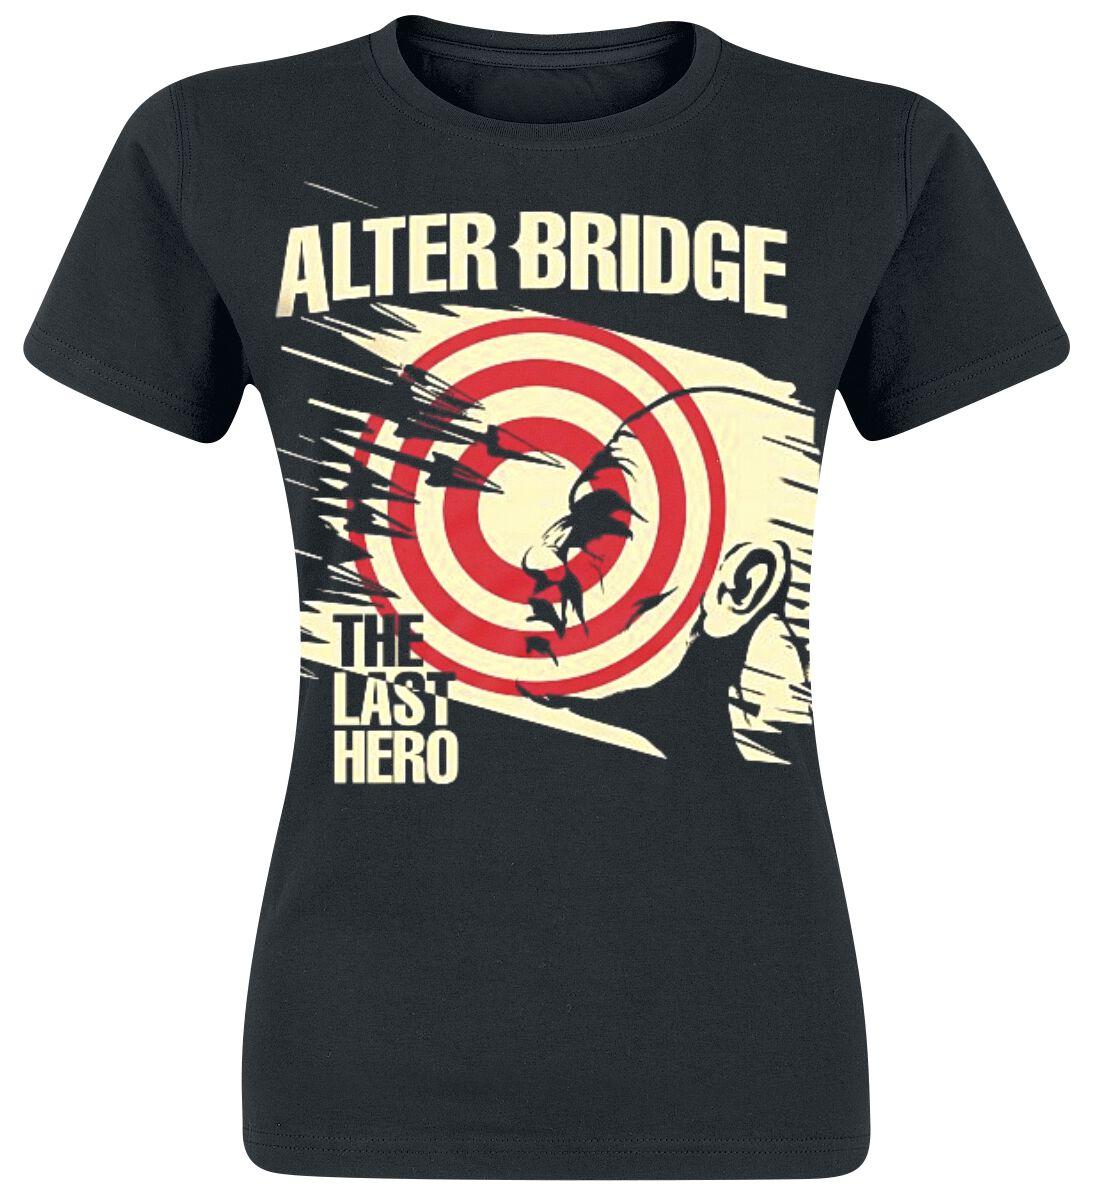 Zespoły - Koszulki - Koszulka damska Alter Bridge The Last Hero Koszulka damska czarny - 357057